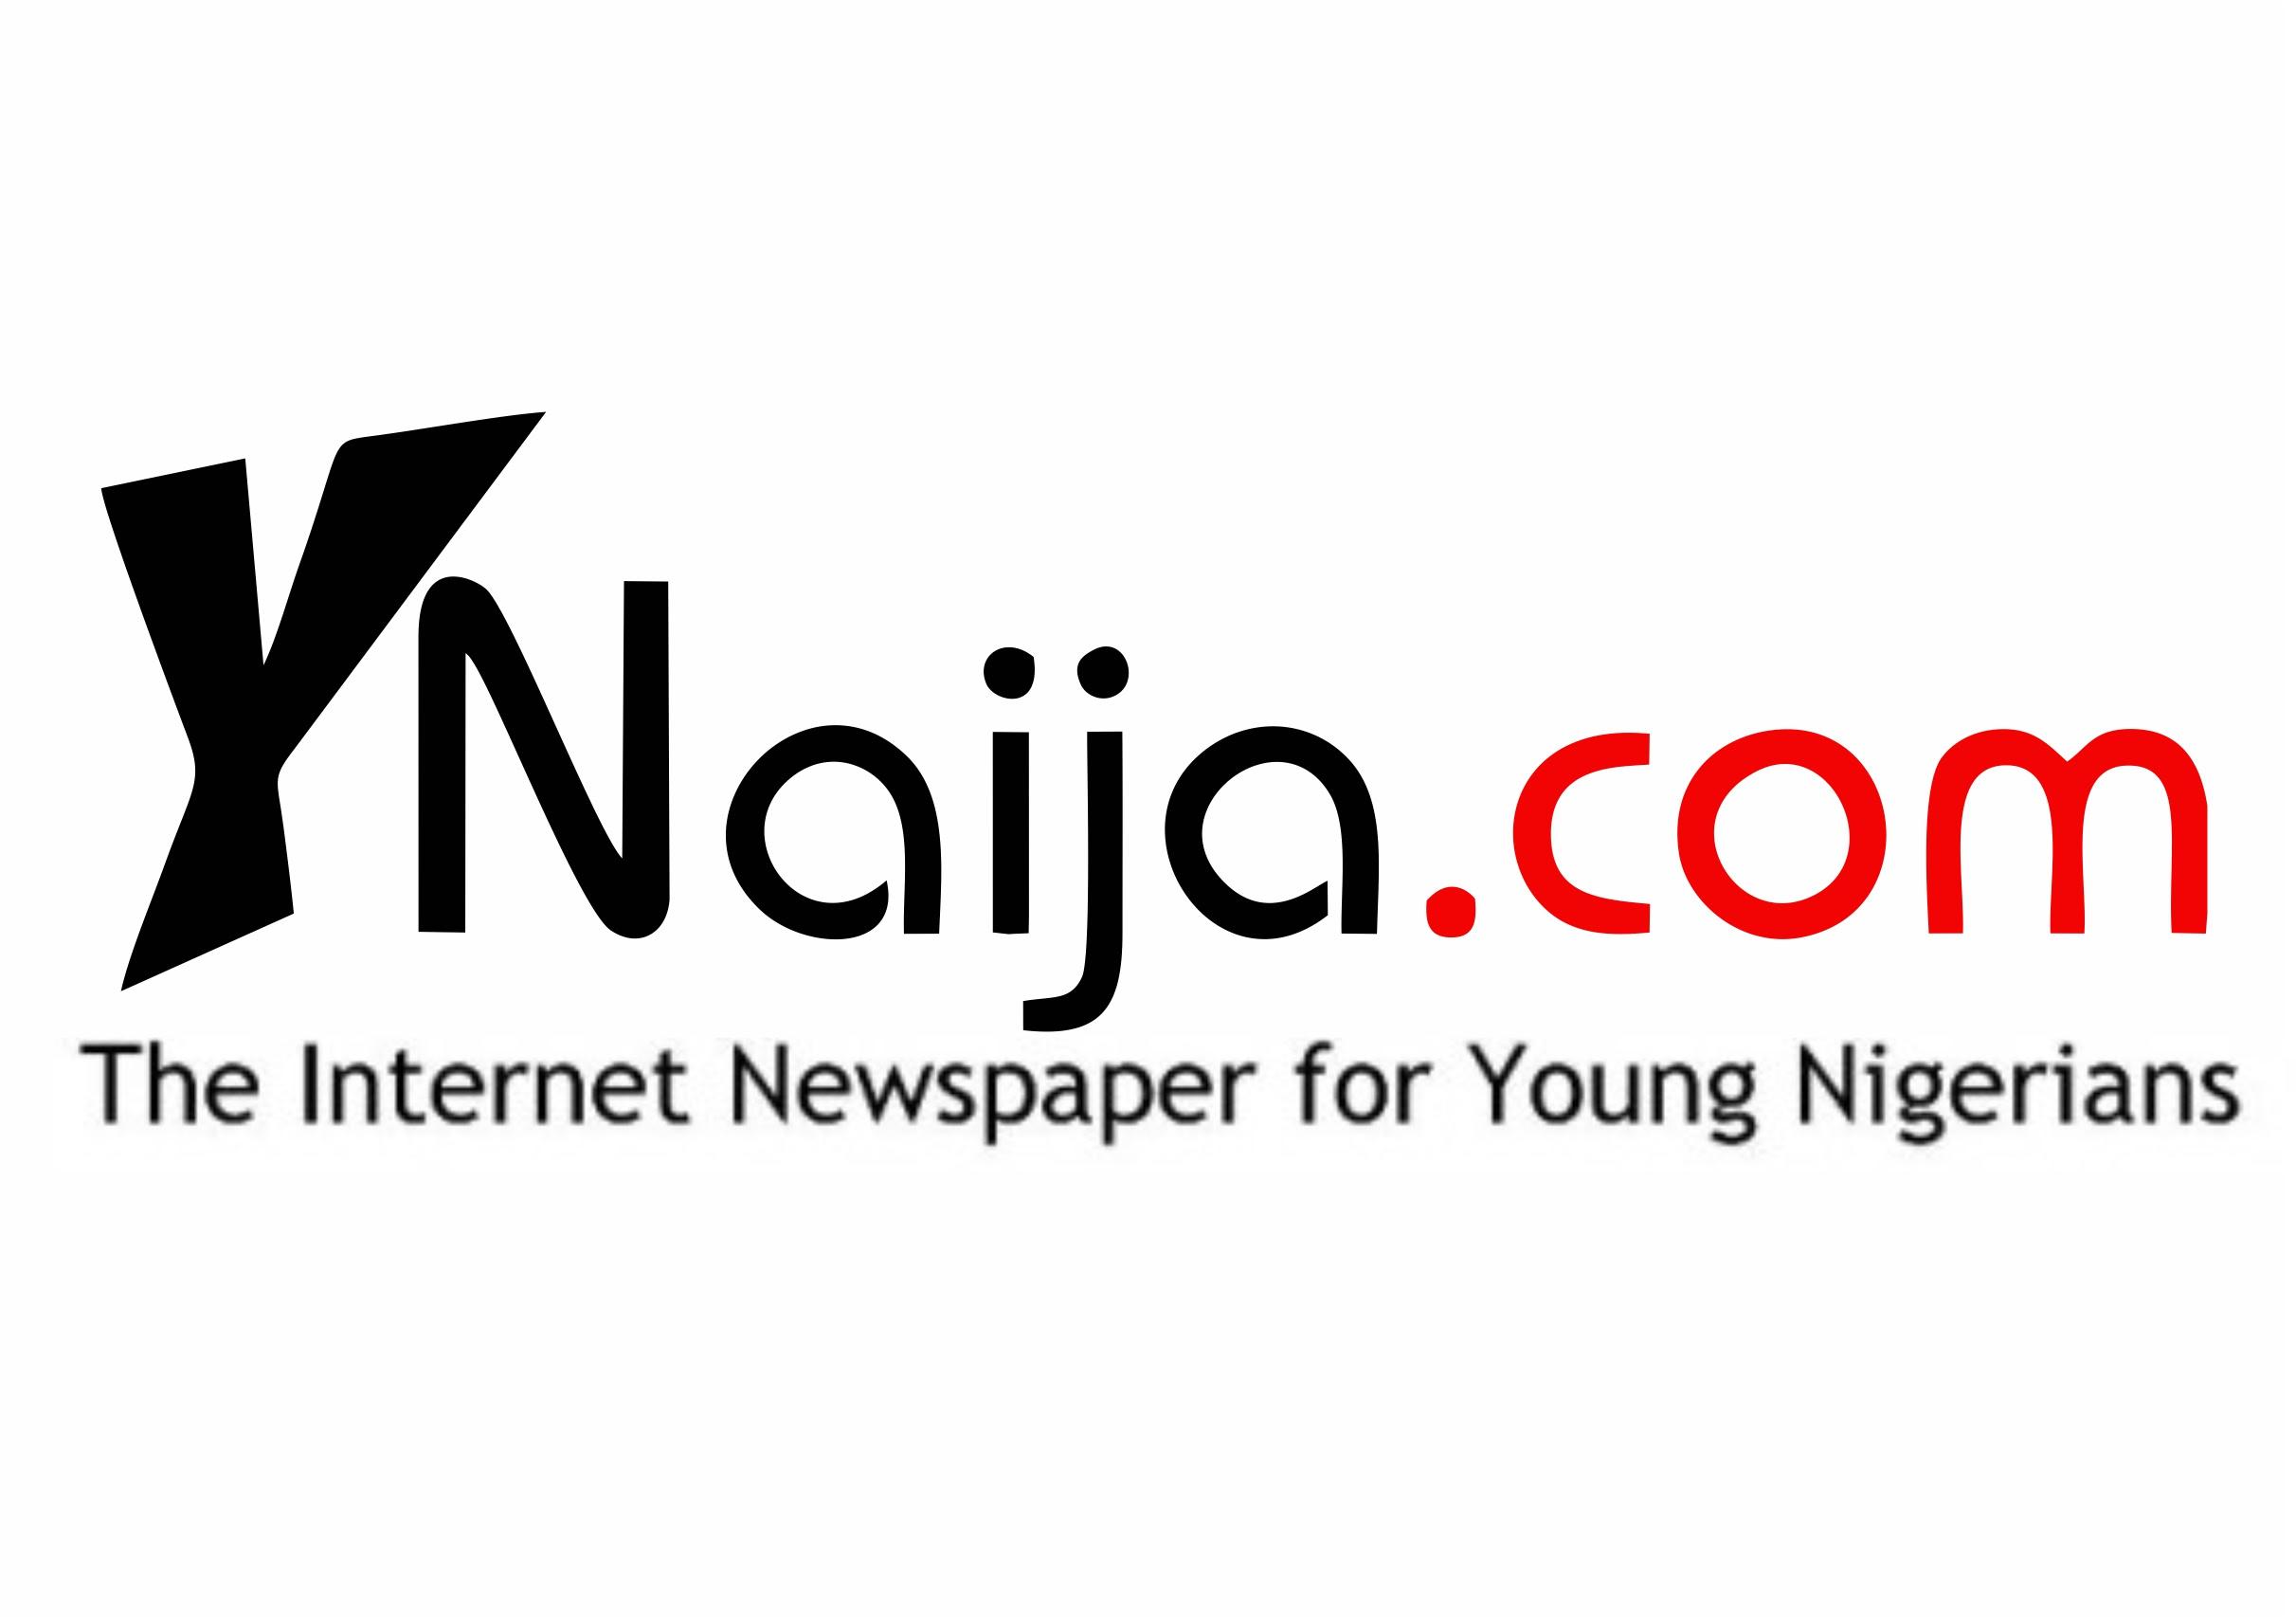 Image result for Y!naija